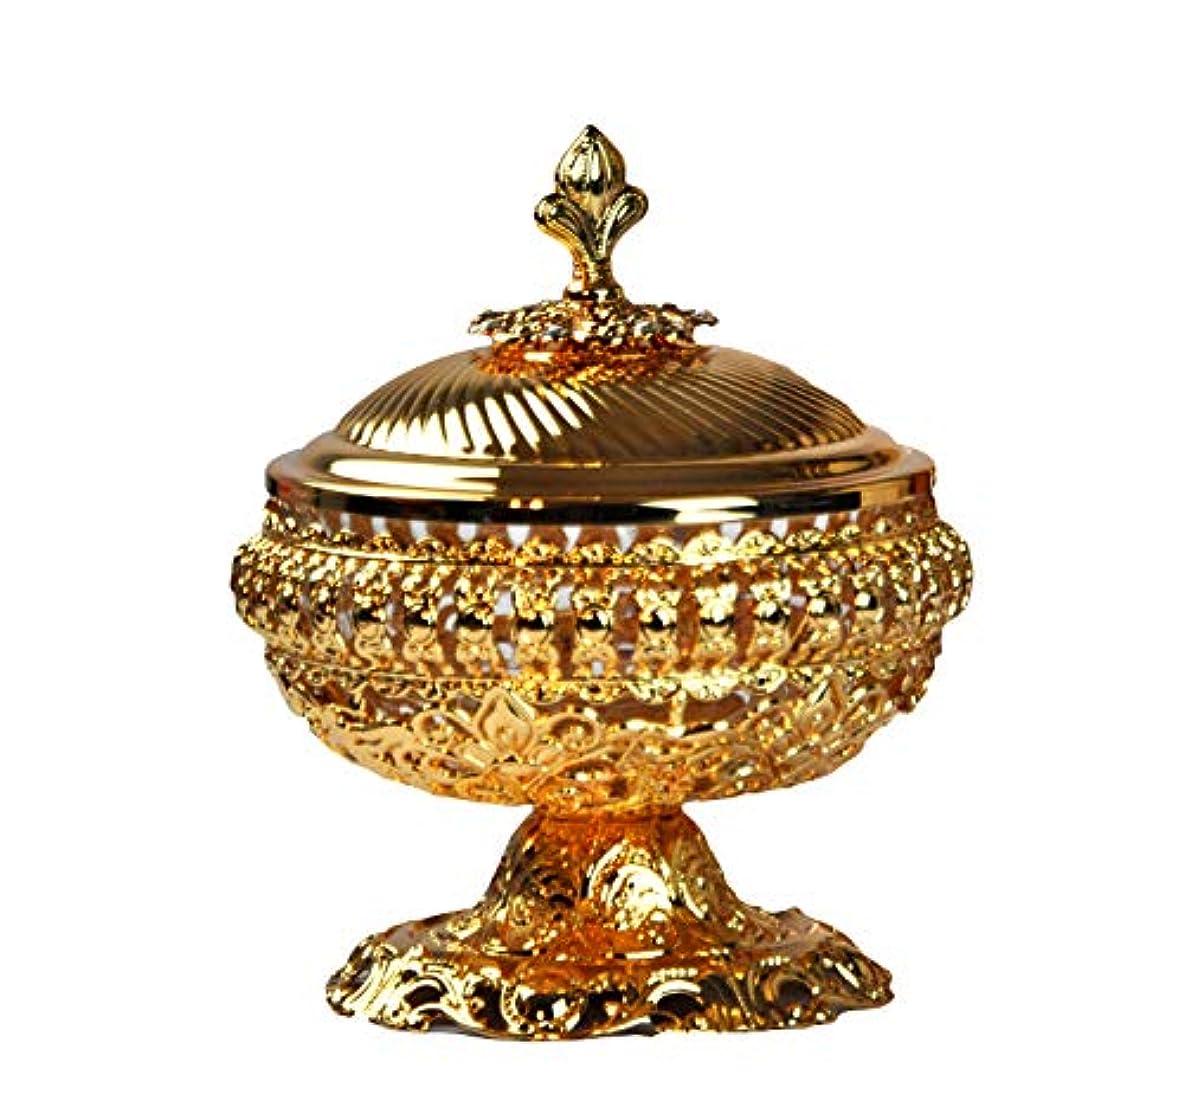 バスルーム放映司書Decorative Bowl to keep hold整理Arabia Bakhoor、チャコール、Oudチップ、Oud Wood、Oudhタブレット、 9inc. シルバー